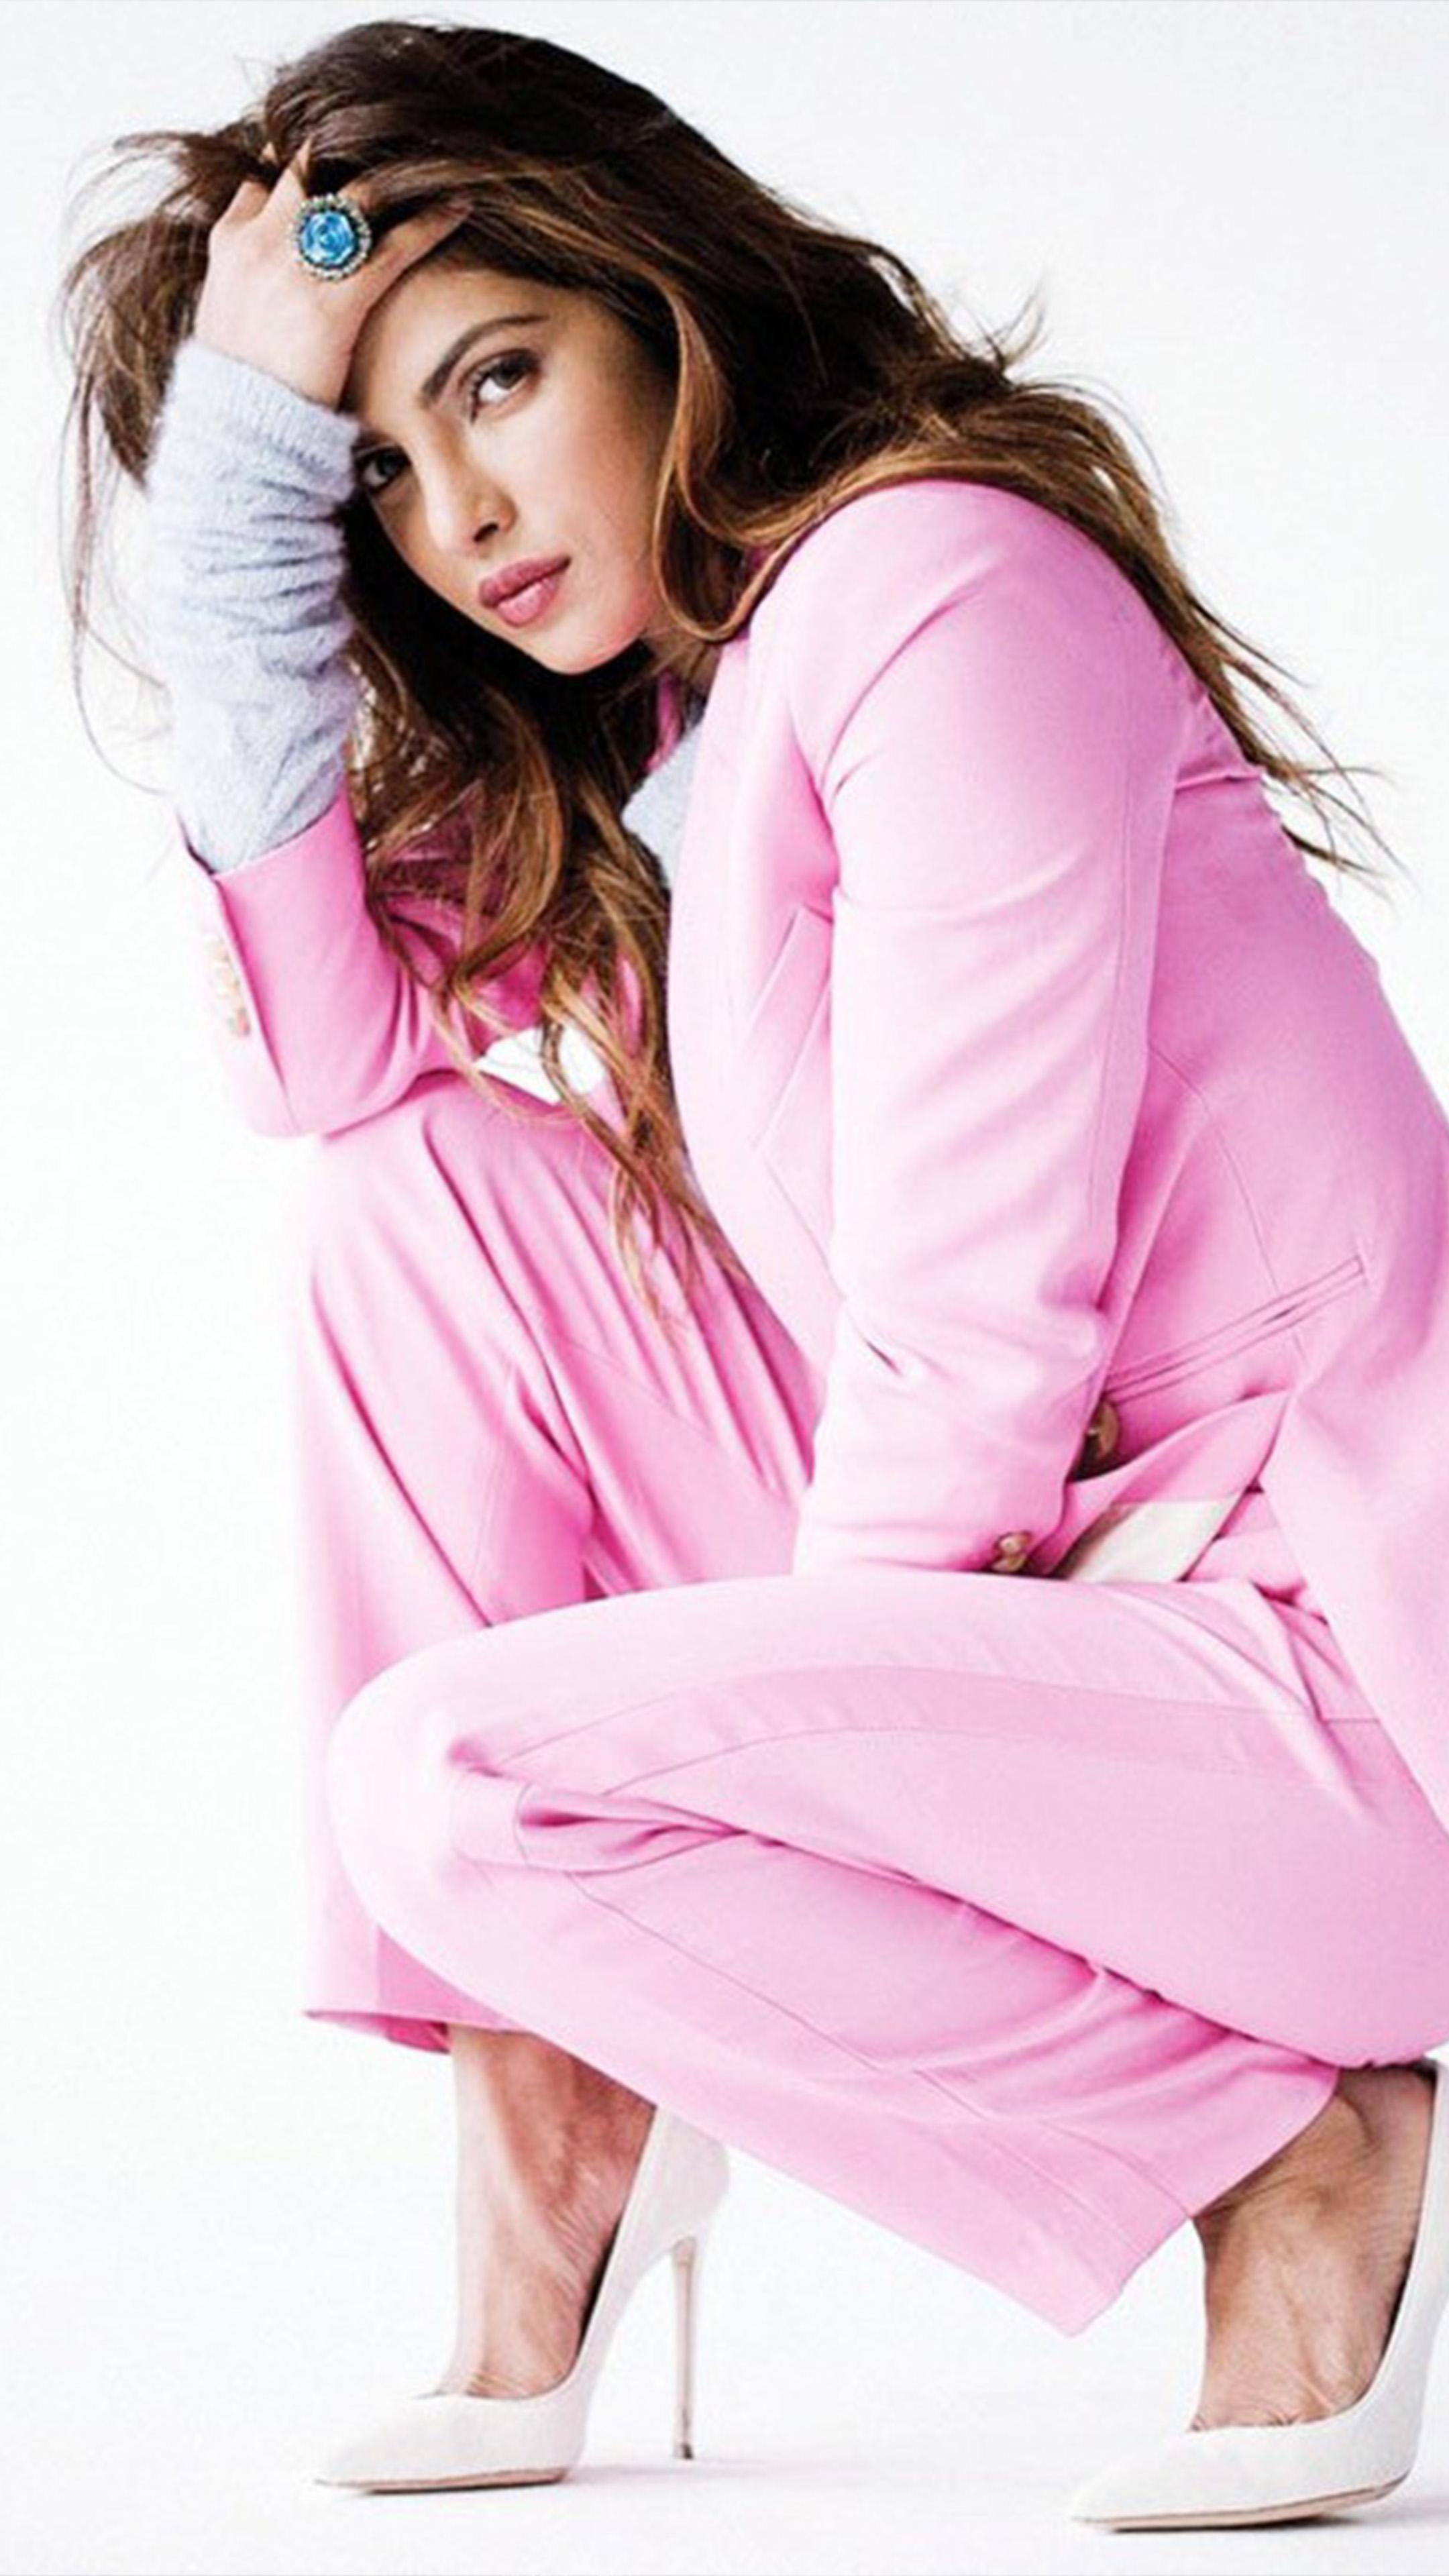 priyanka chopra in pink dress 4k ultra hd mobile wallpaper priyanka chopra in pink dress 4k ultra